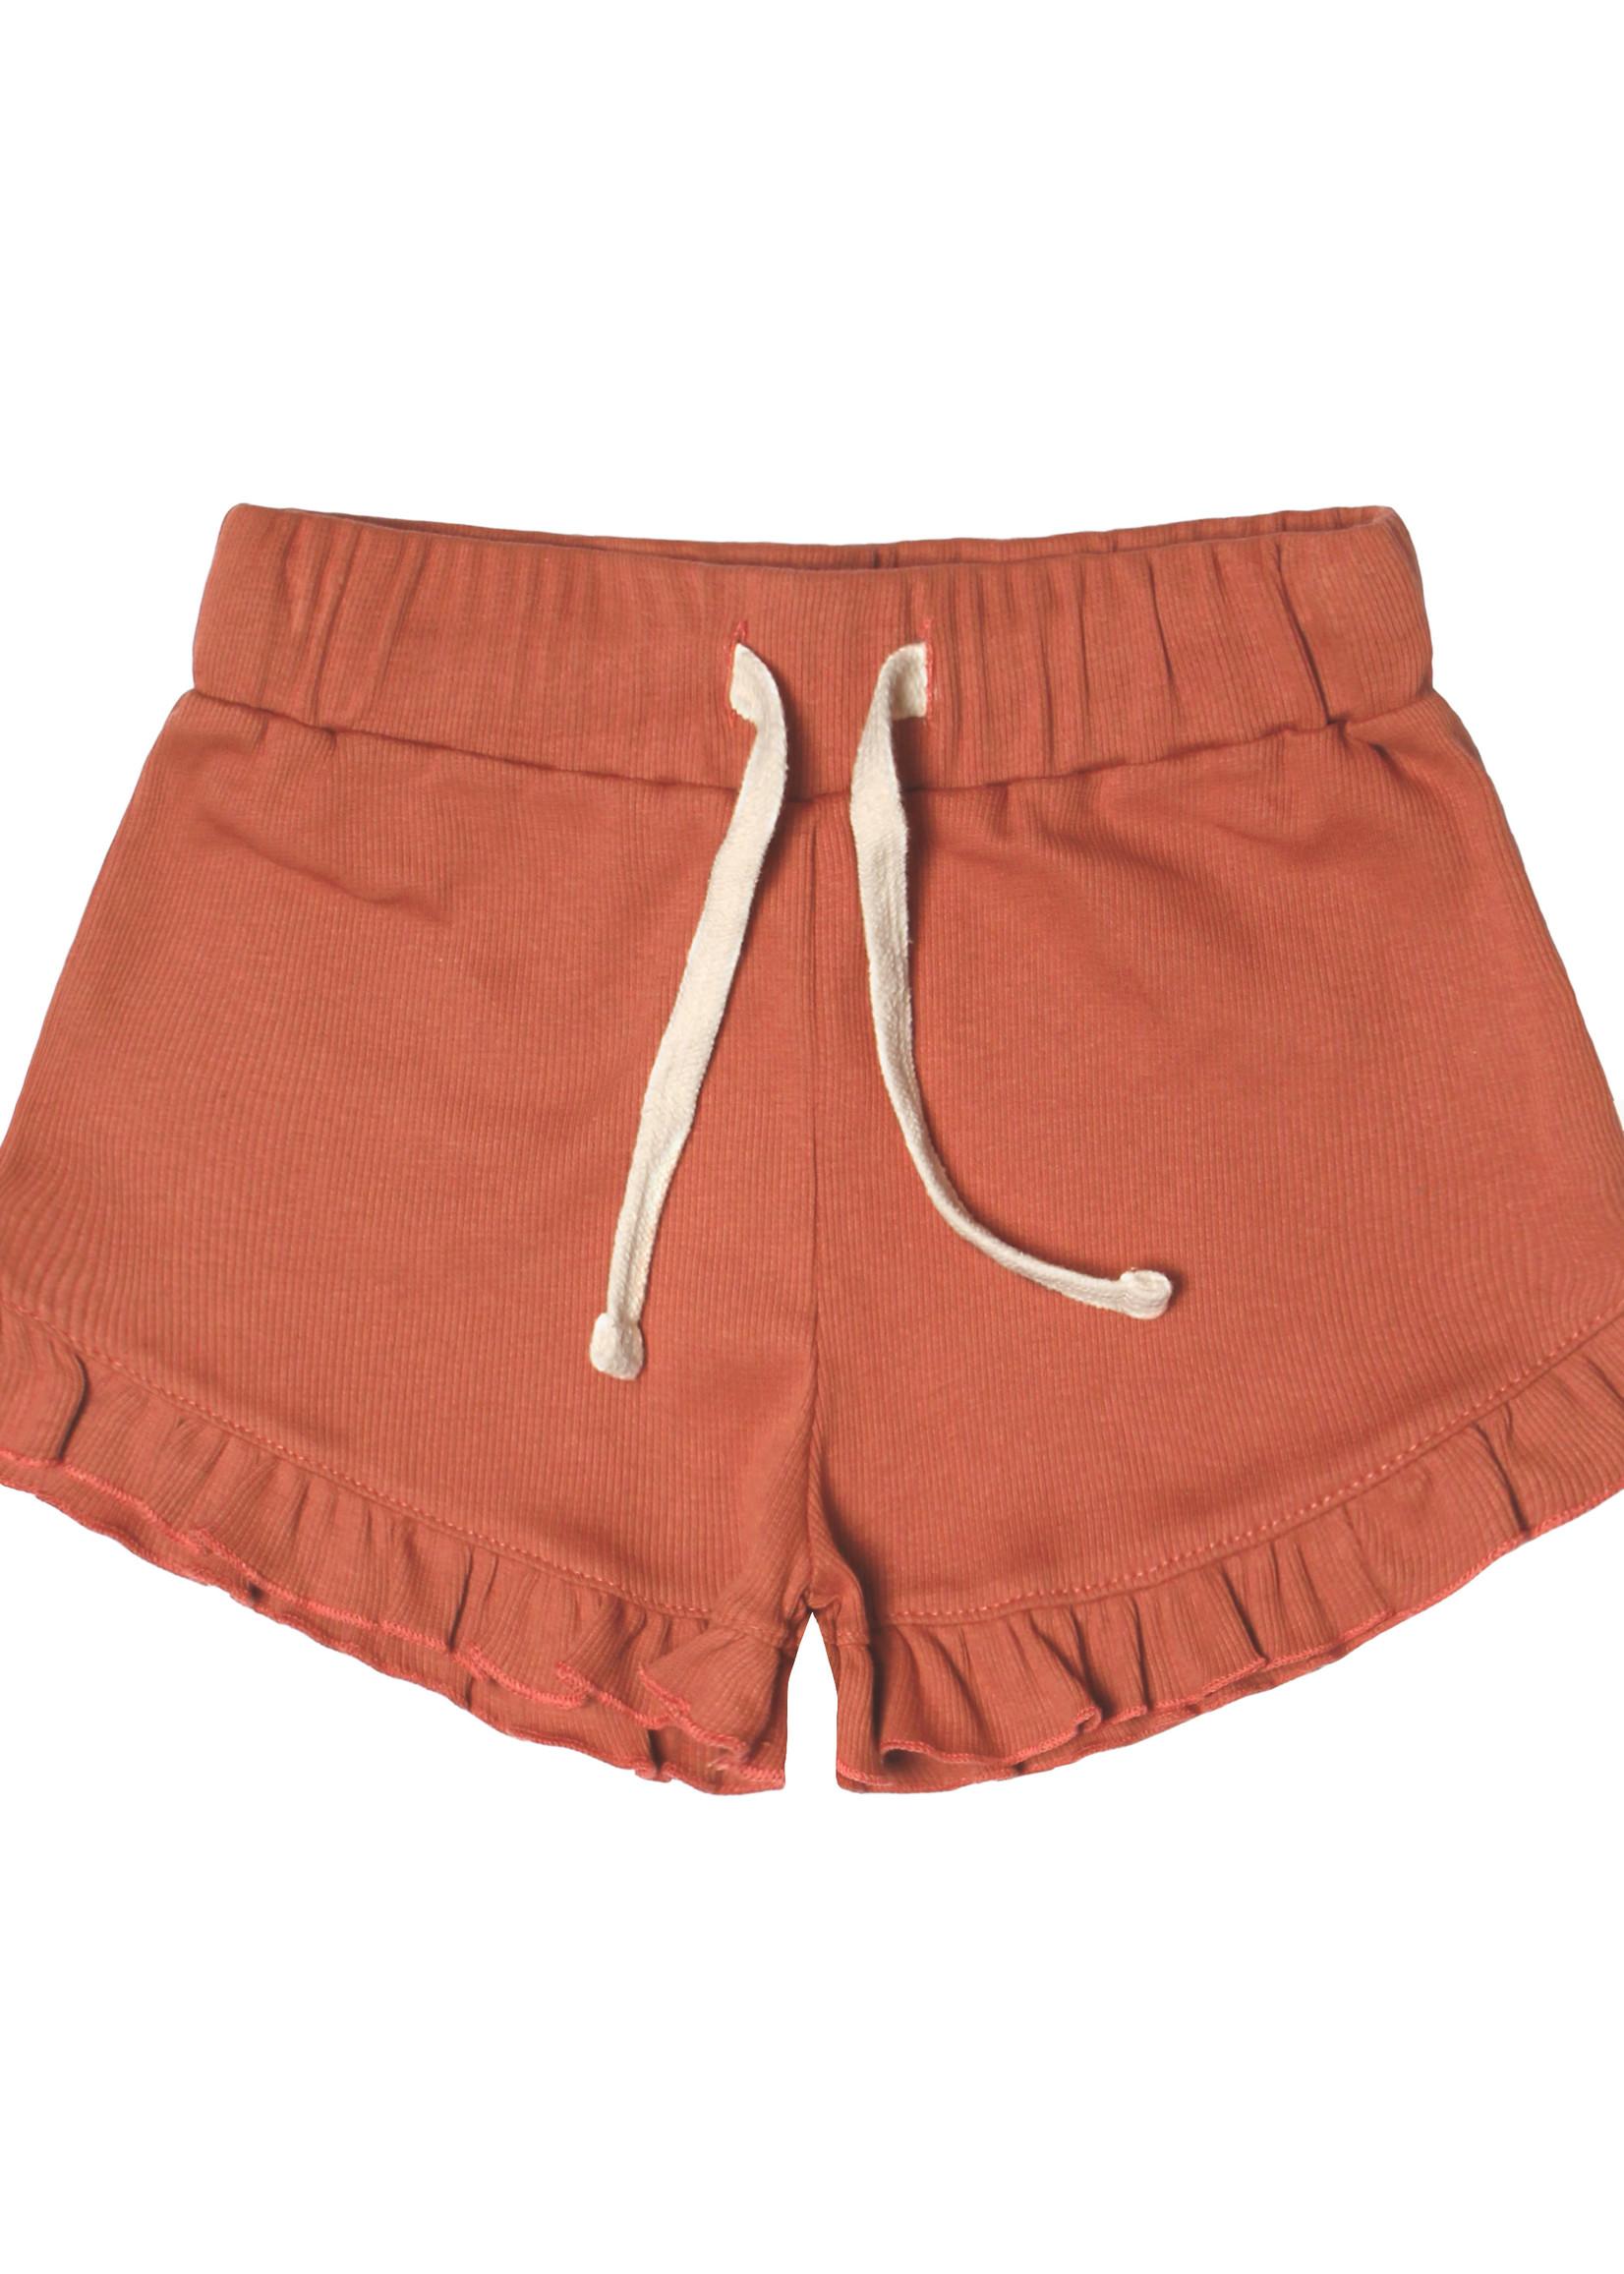 Your Wishes YW - Rib Terra   Ruffle Shorts